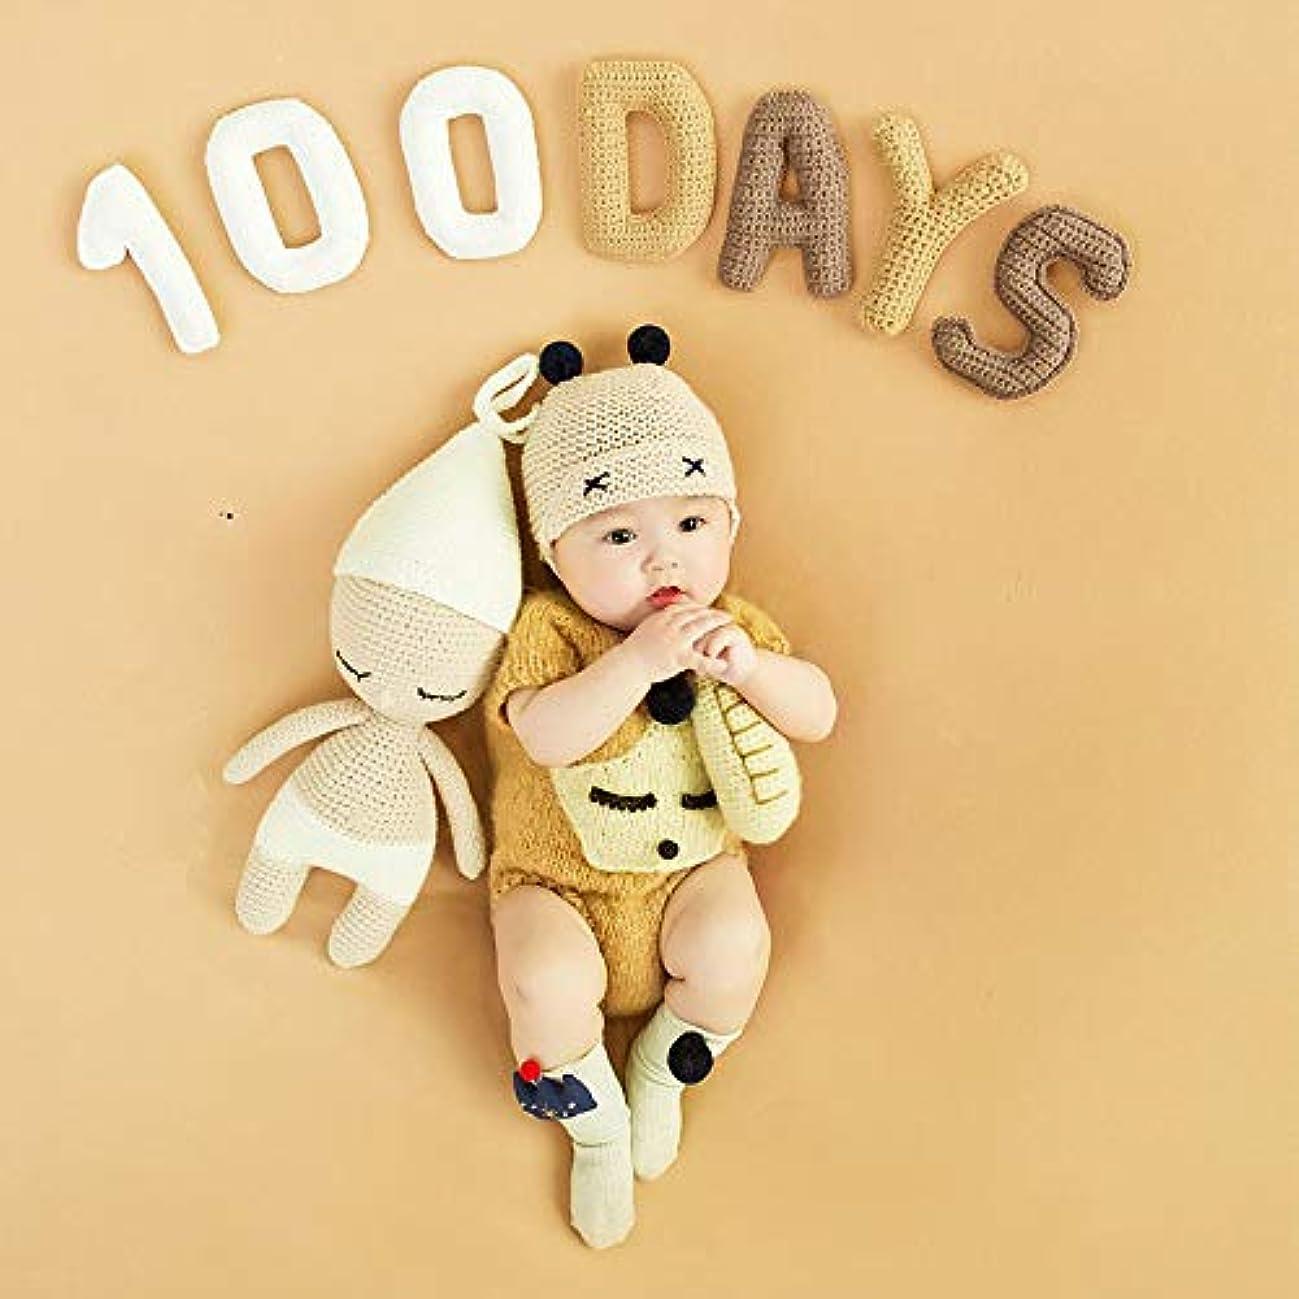 深さゆるい姿勢新生児 記念写真 子供 衣装 仮装 毛糸 100days ベビー コスチューム 出産お祝い アーティスト プレゼント ギフト (文字道具+人形)